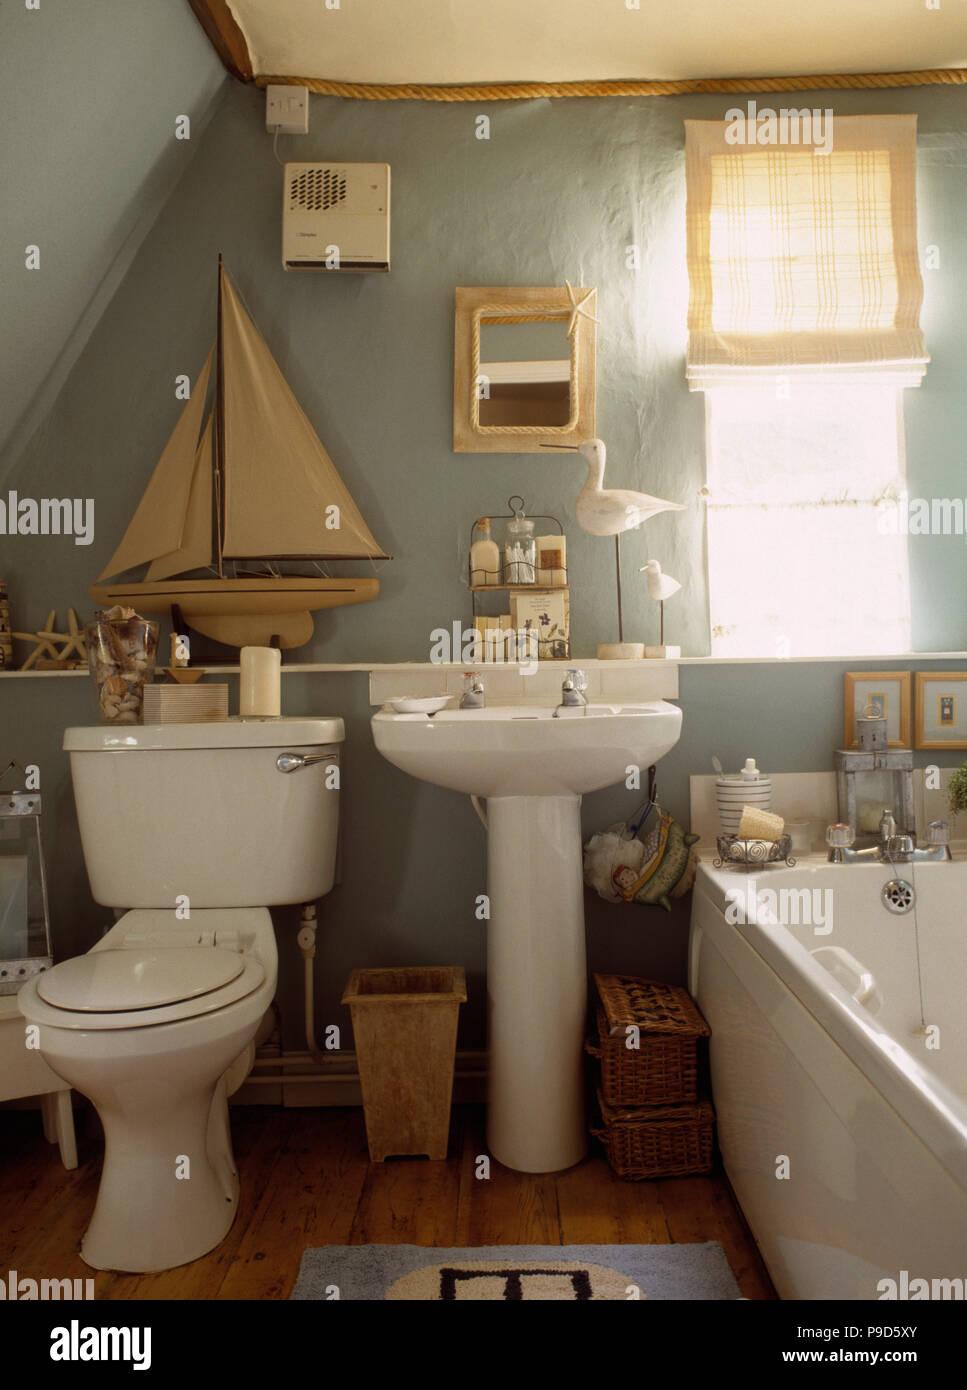 Toilette Blanc Et Gris bateau à voile modèle sur l'étagère au-dessus de toilettes